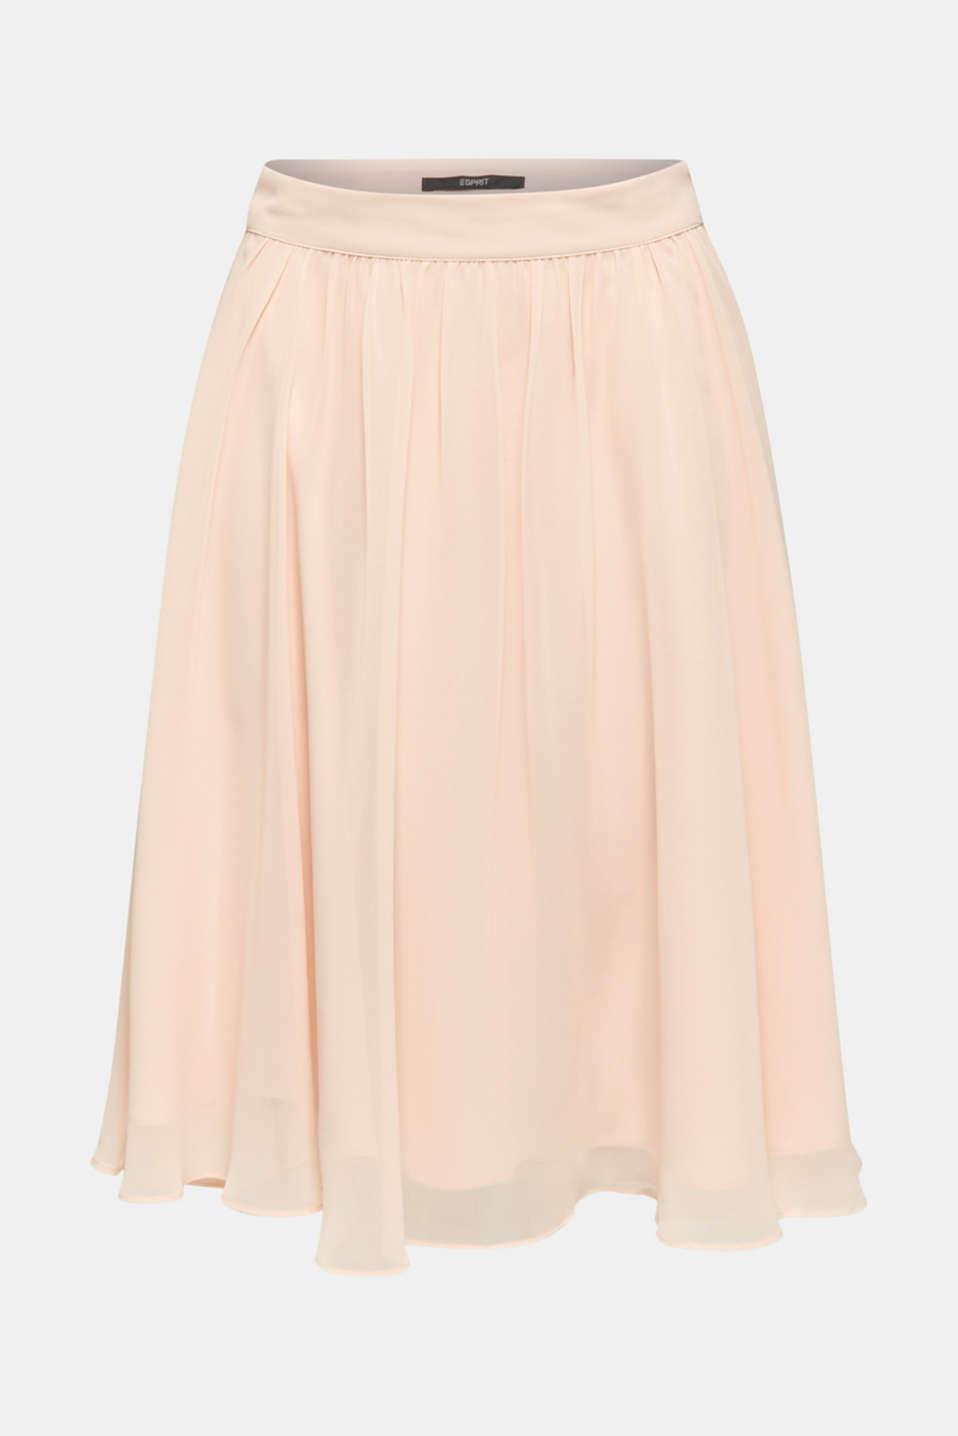 Swirling chiffon skirt, PASTEL PINK, detail image number 6